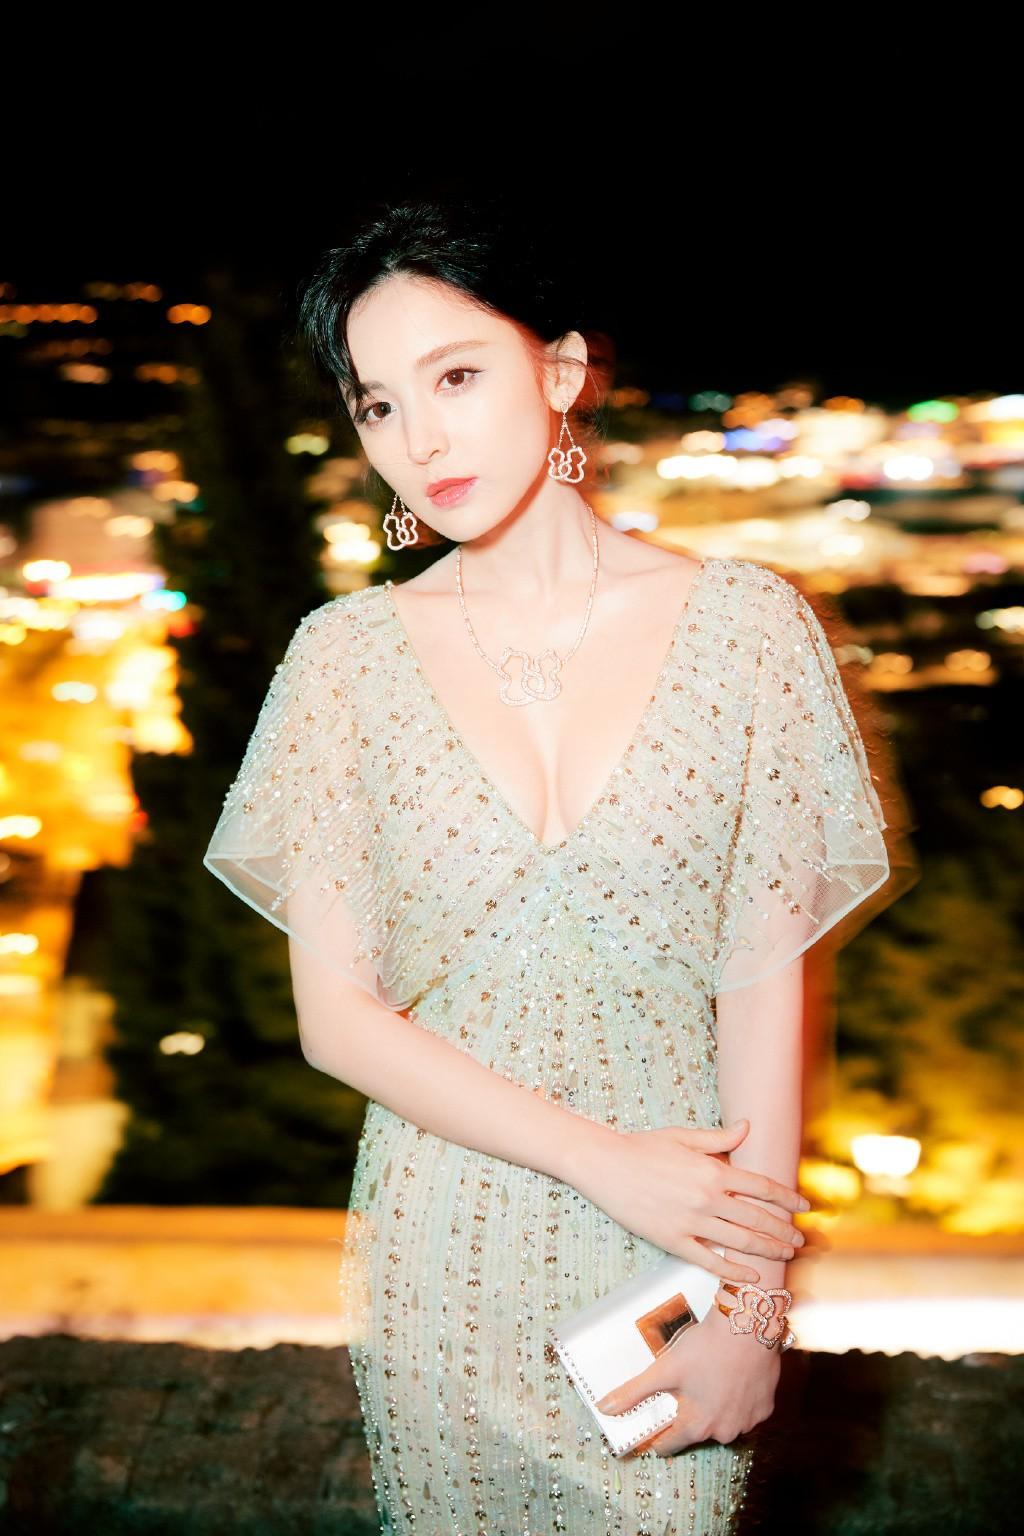 Vắng bóng Phạm Băng Băng, đây là mỹ nhân khiến dân tình trầm trồ vì đẹp đẳng cấp trong những ngày tại Cannes - Ảnh 11.